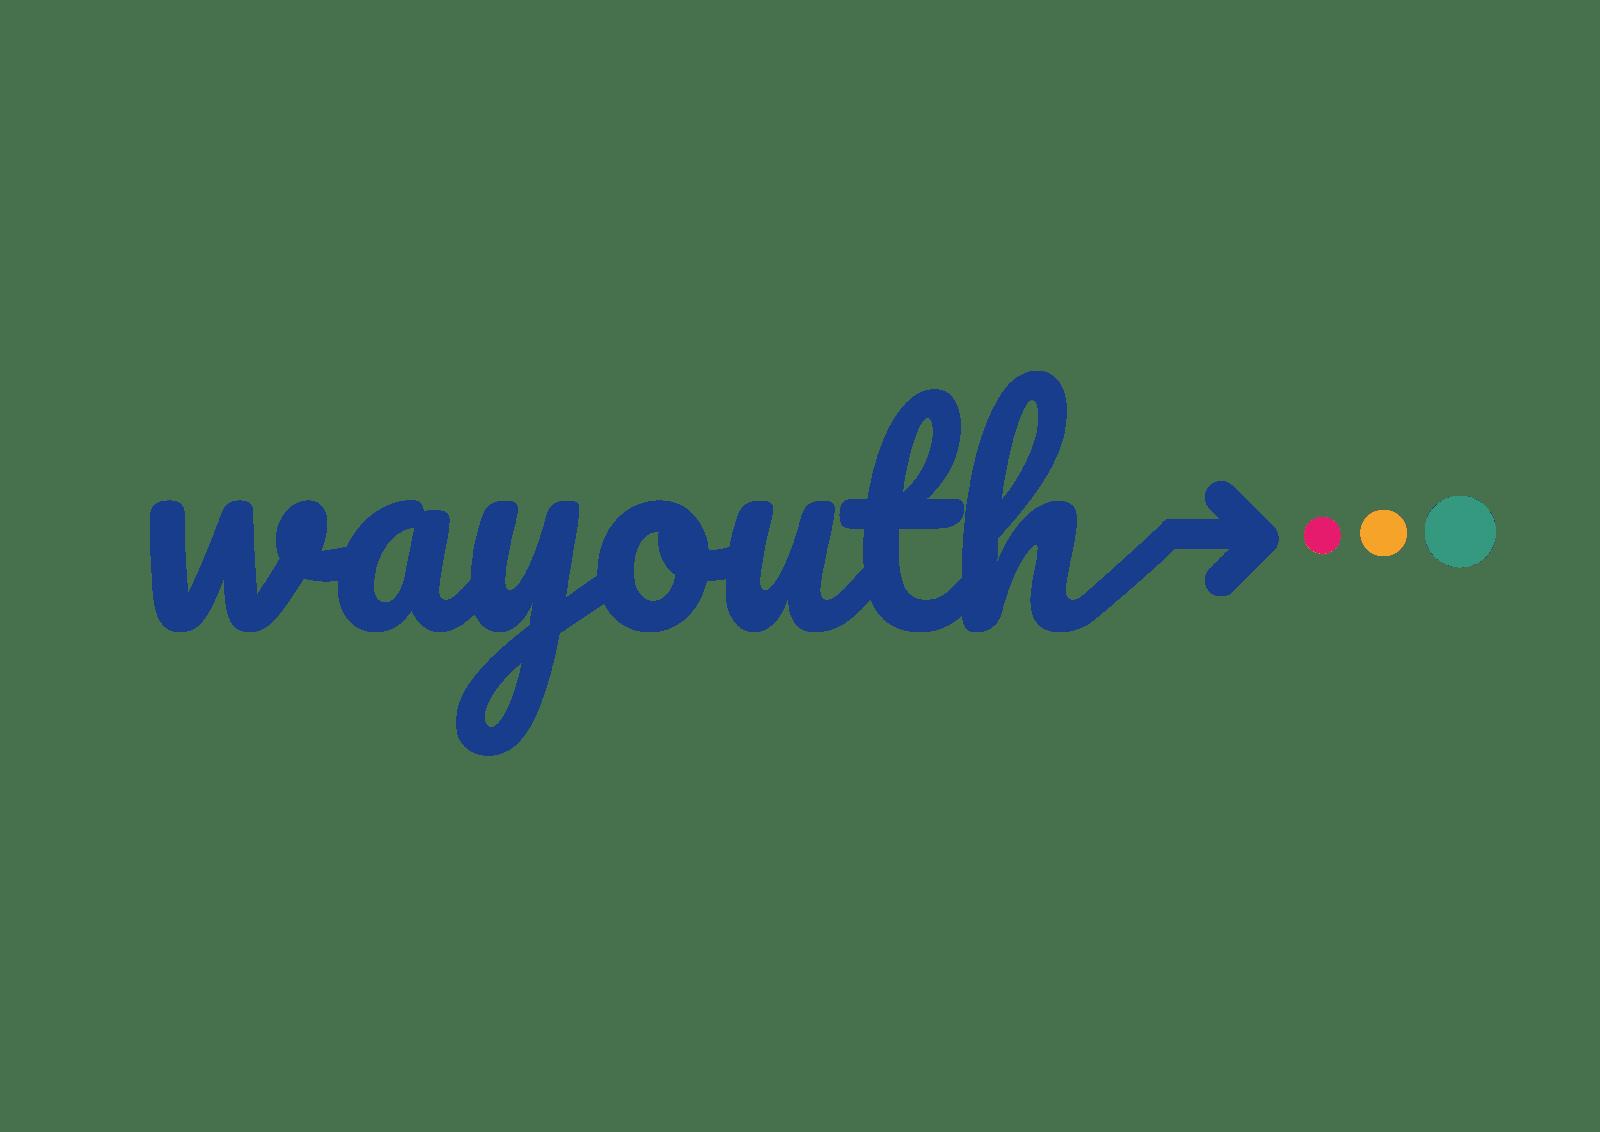 Wayouth